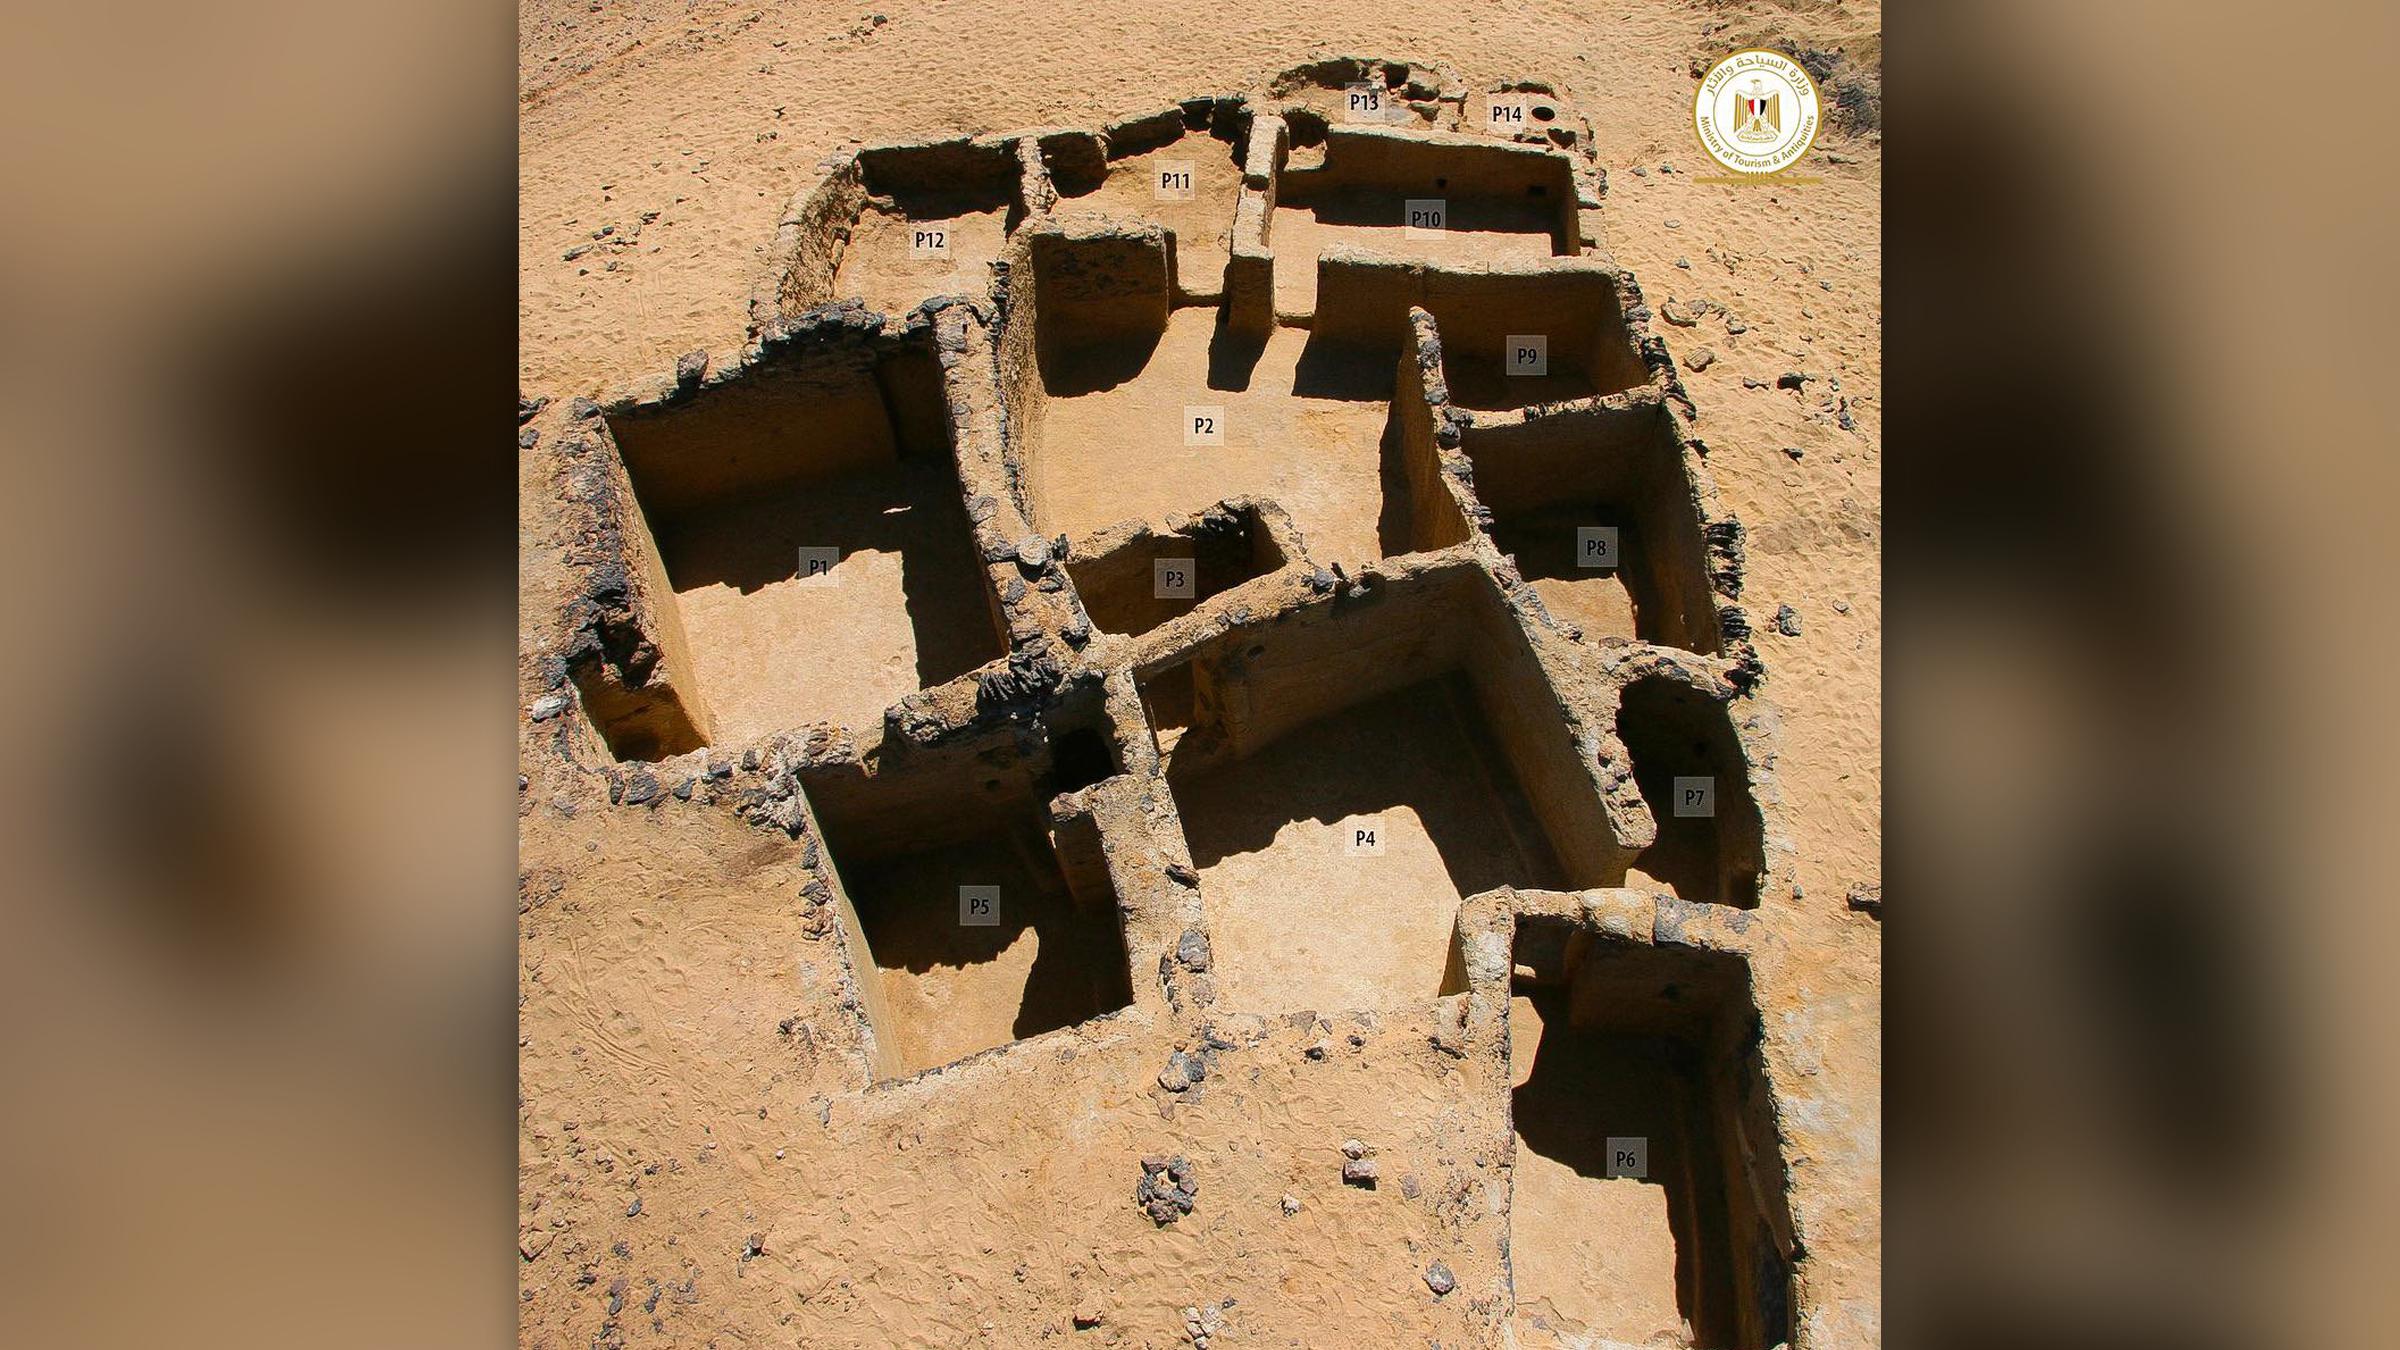 L'équipe a découvert des bâtiments anciens fabriqués à partir de pierre de taille sculptée, de basalte et de briques de boue.